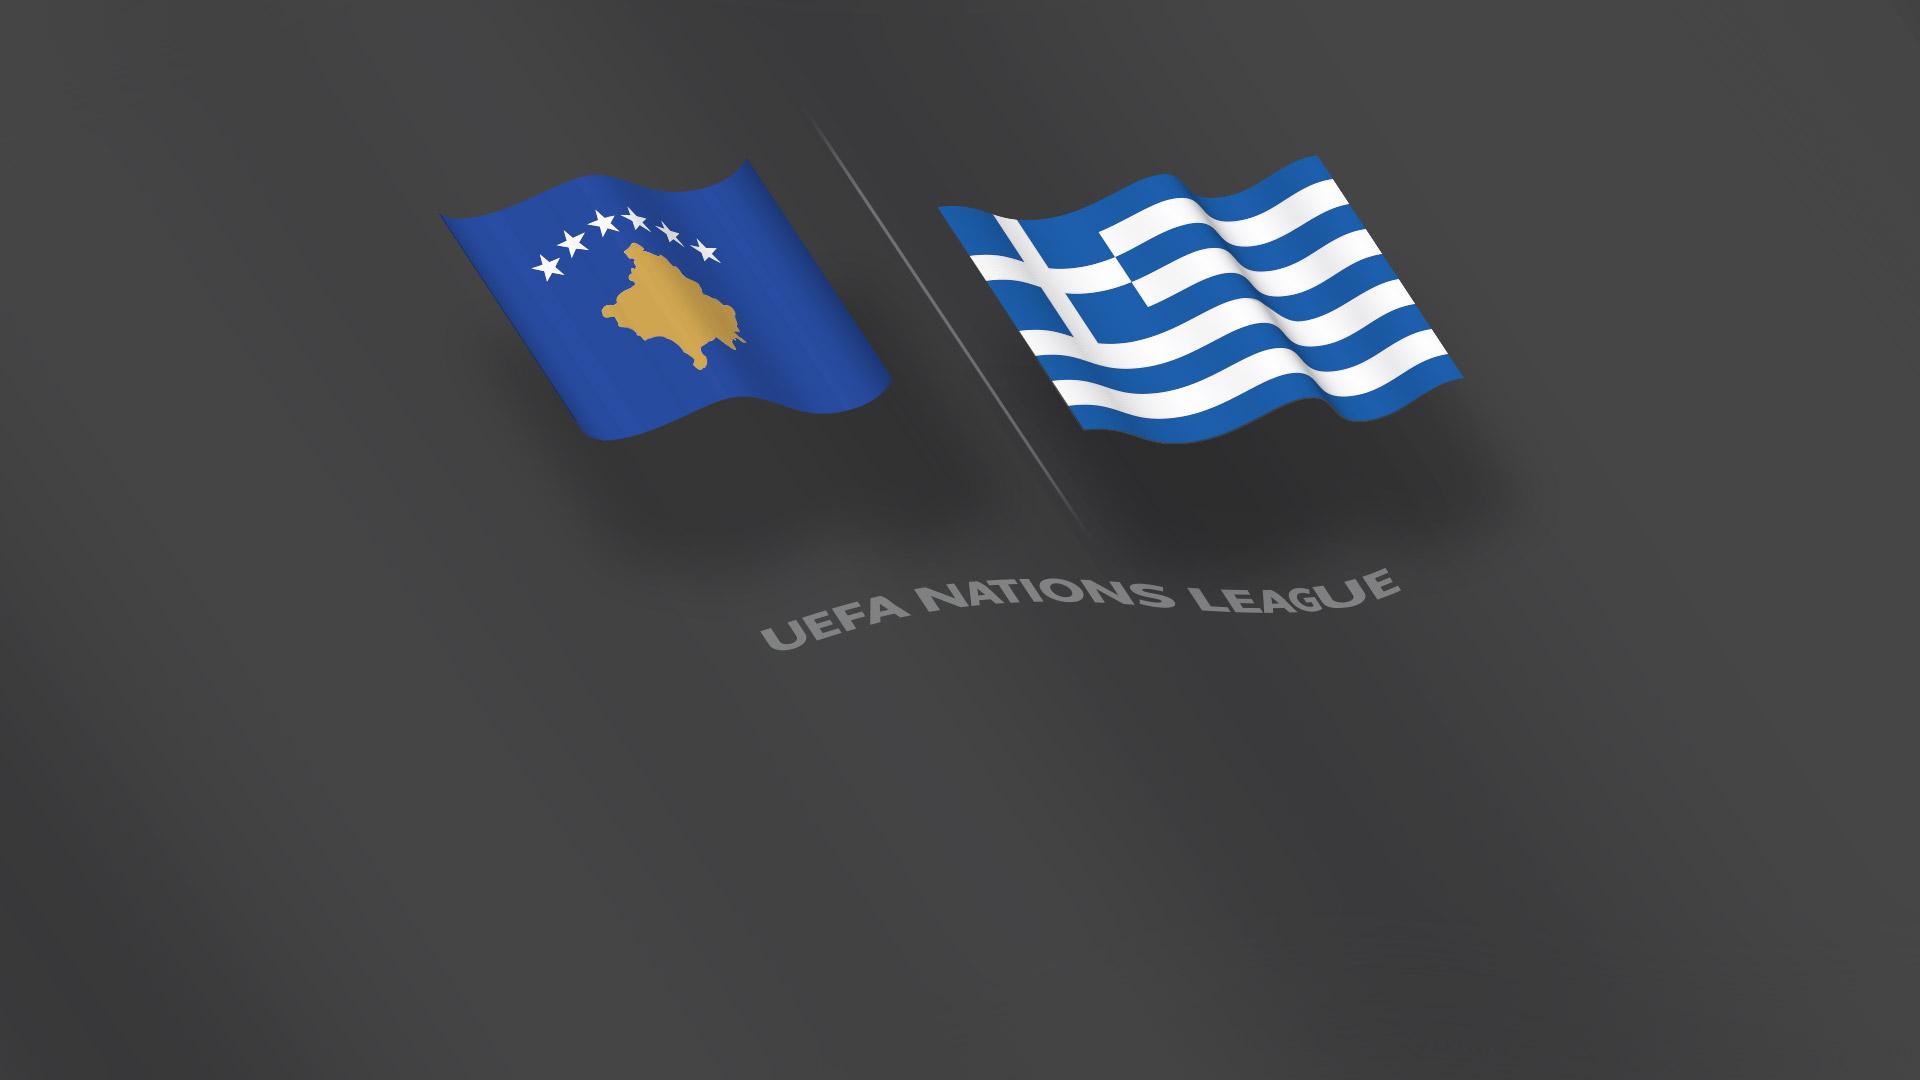 Κόσοβο - Ελλάδα 1-1 2f15595b-2d5e-4e2d-9c57-ce8e5fe49d1c